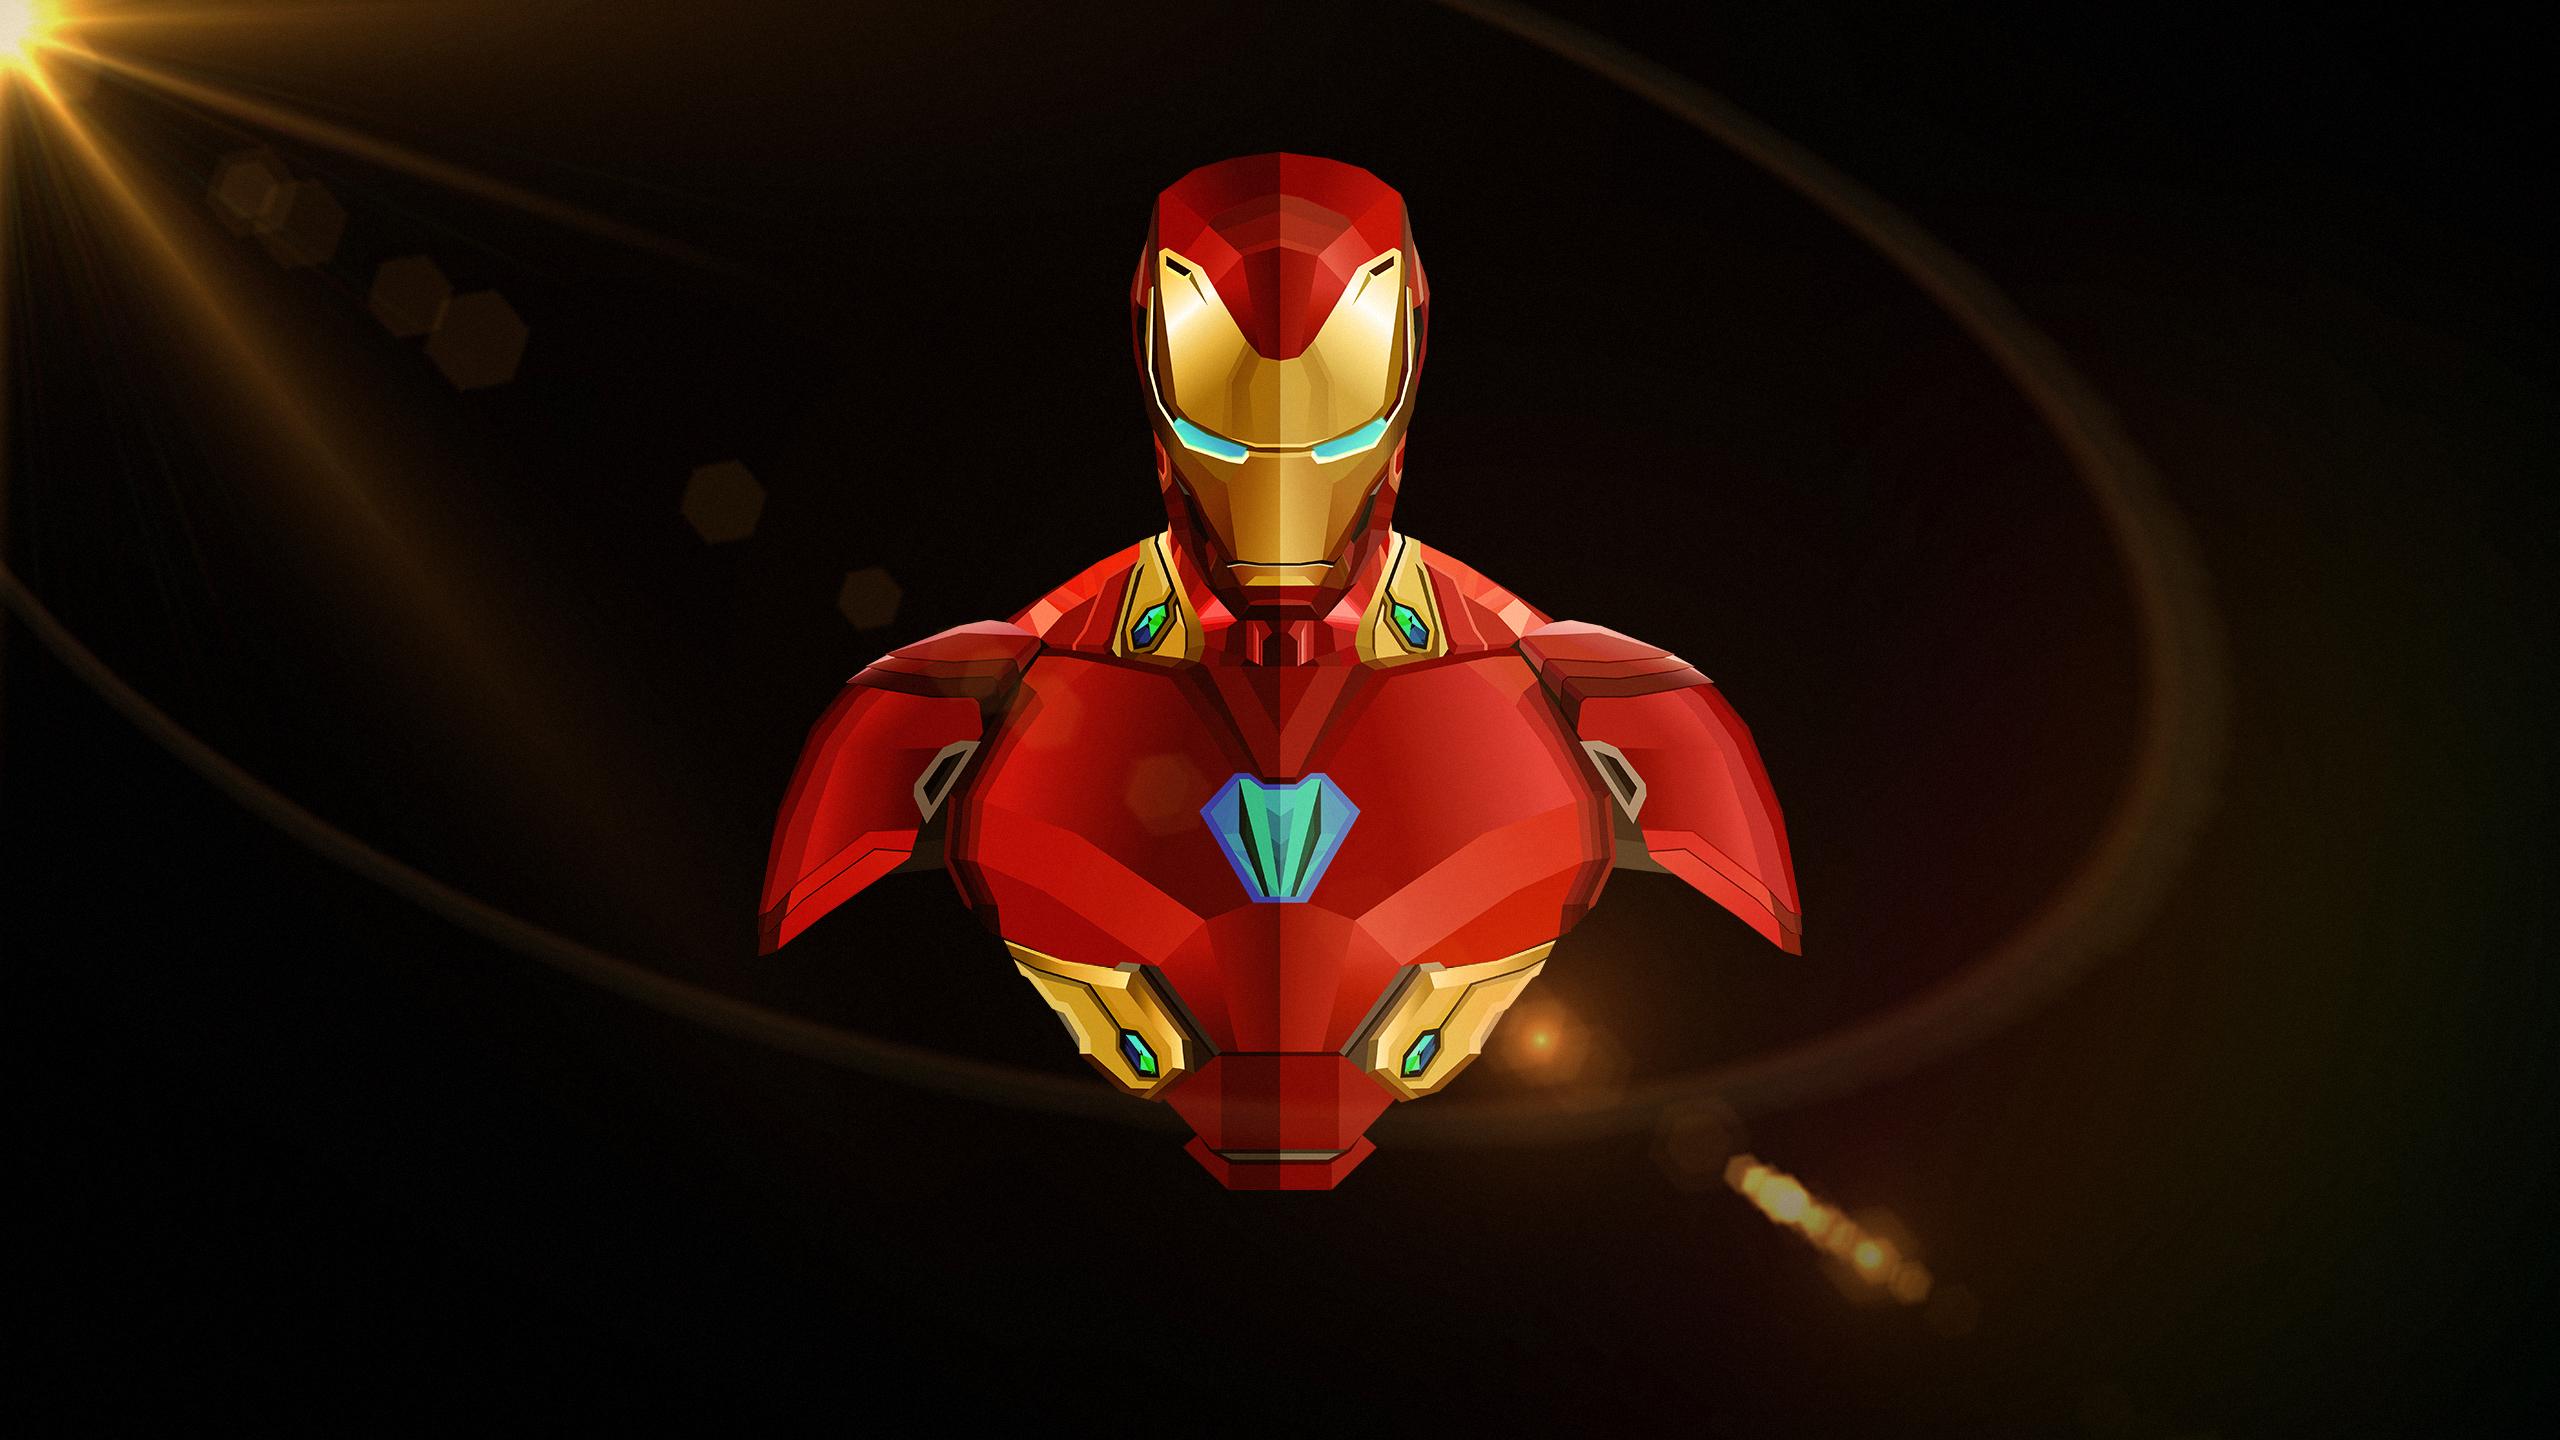 Железный человек Мстители бесконечность войны минимальный обои скачать